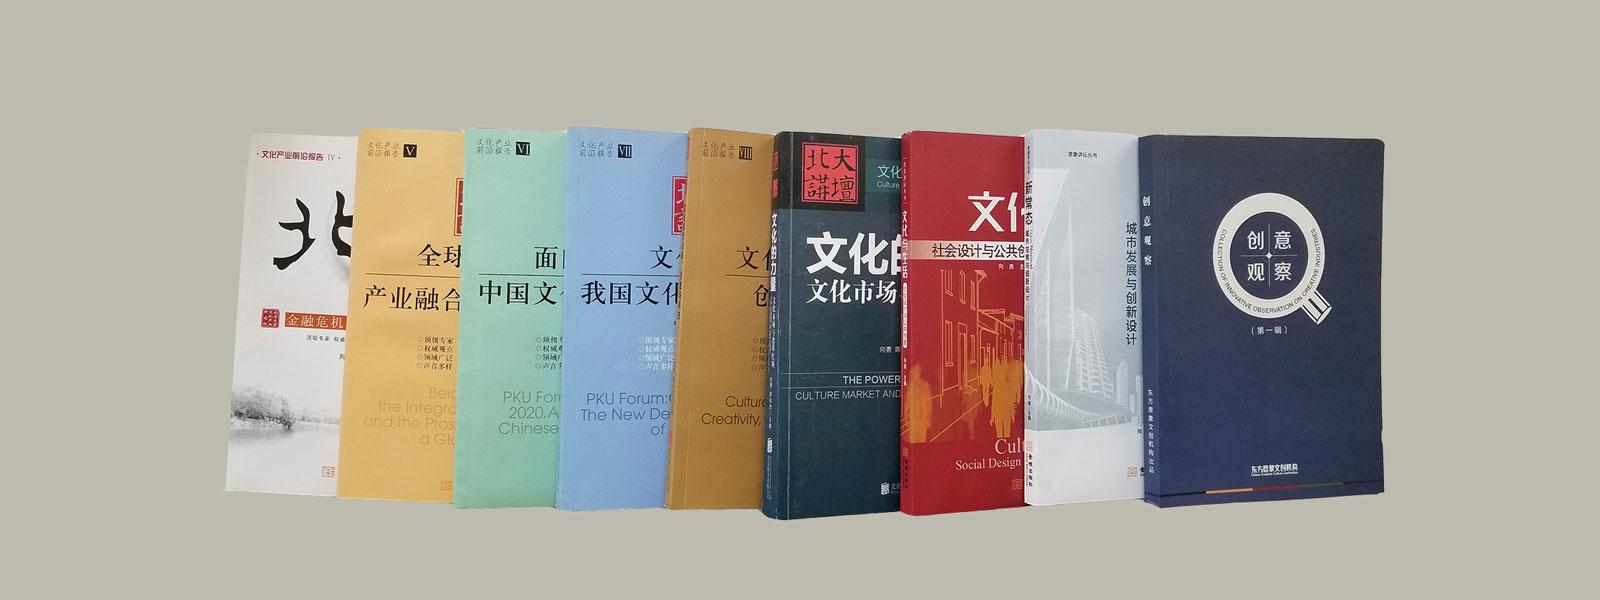 系列出版物